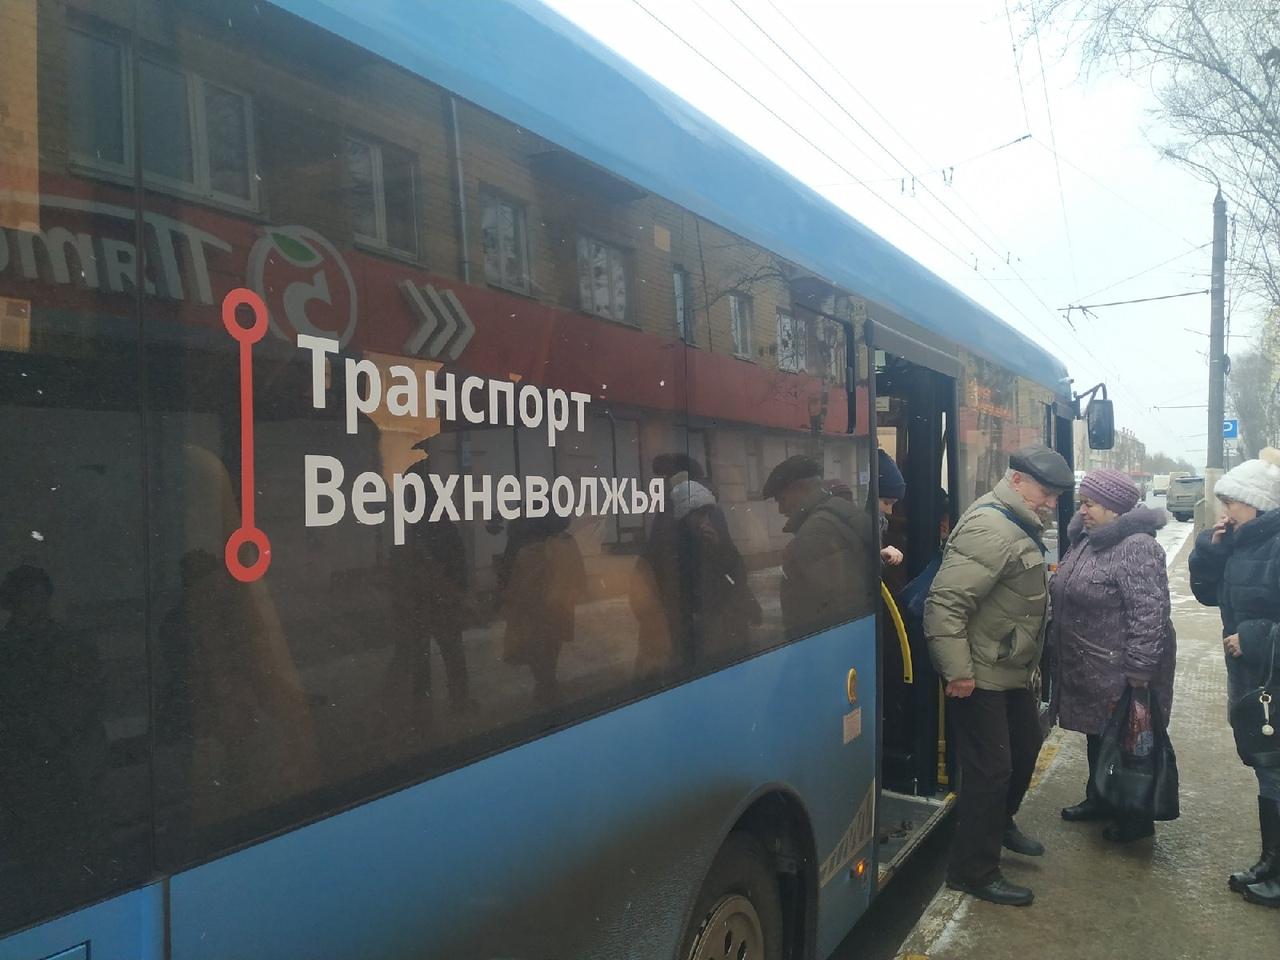 В Твери учли пожелания жителей и изменили несколько маршрутов нового транспорта